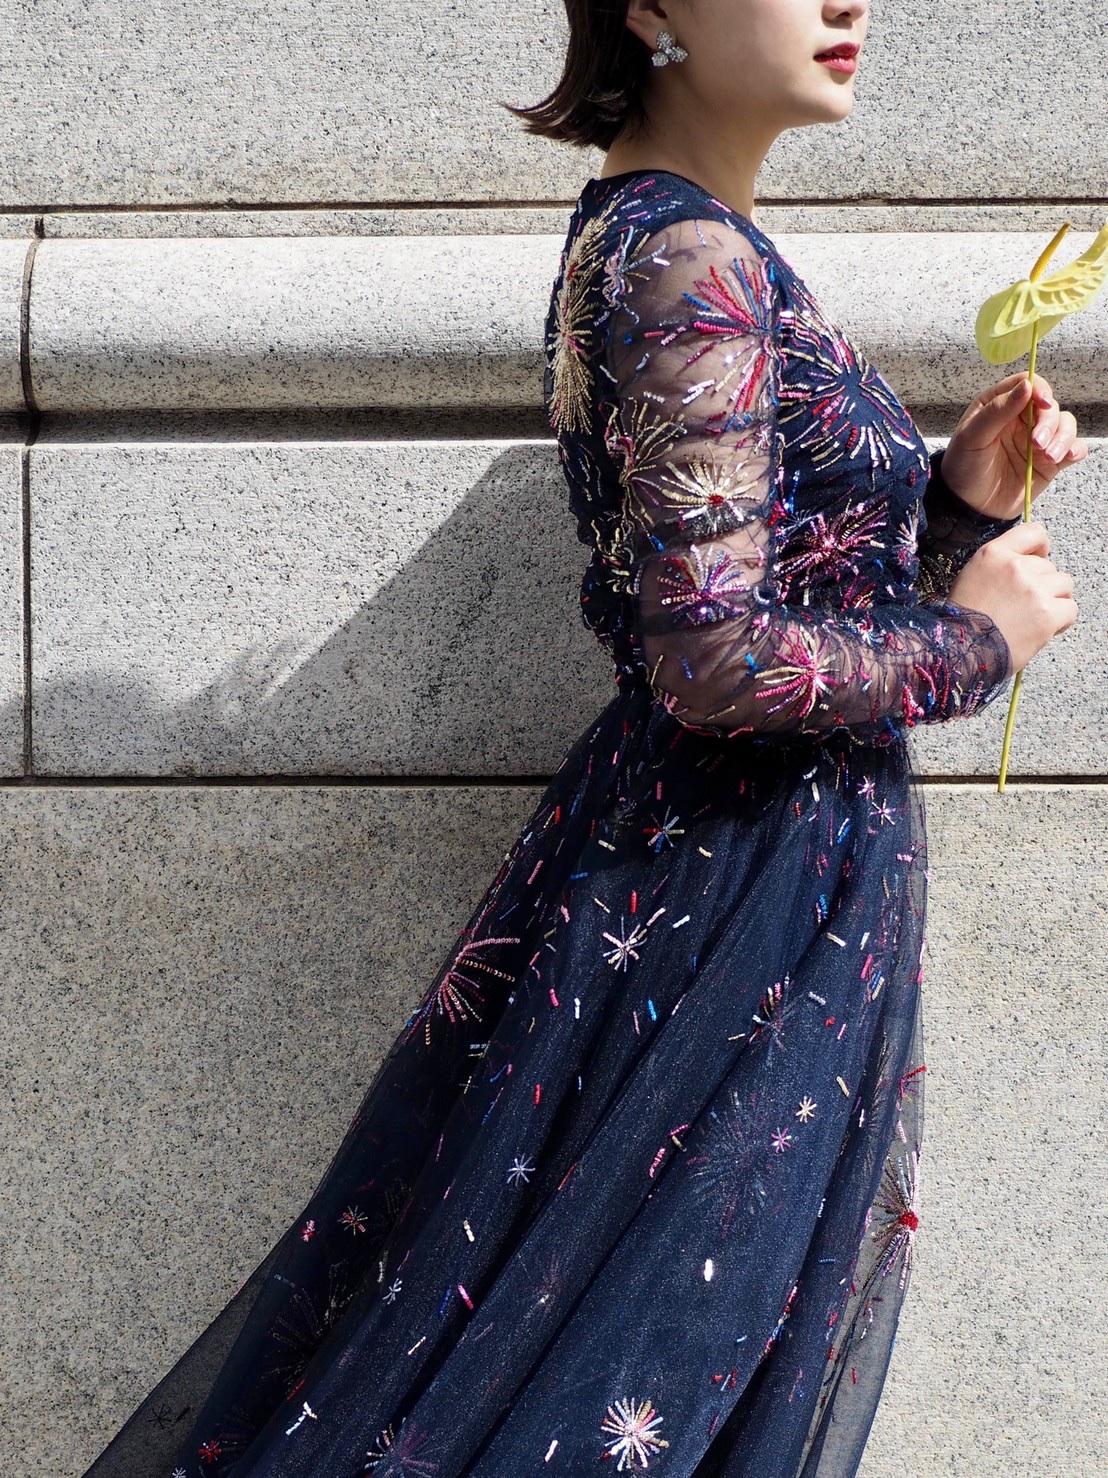 ザトリートドレッシング神戸にてお取り扱いのあるモニークルイリエのミッドナイトブルーカラードレスのご紹介